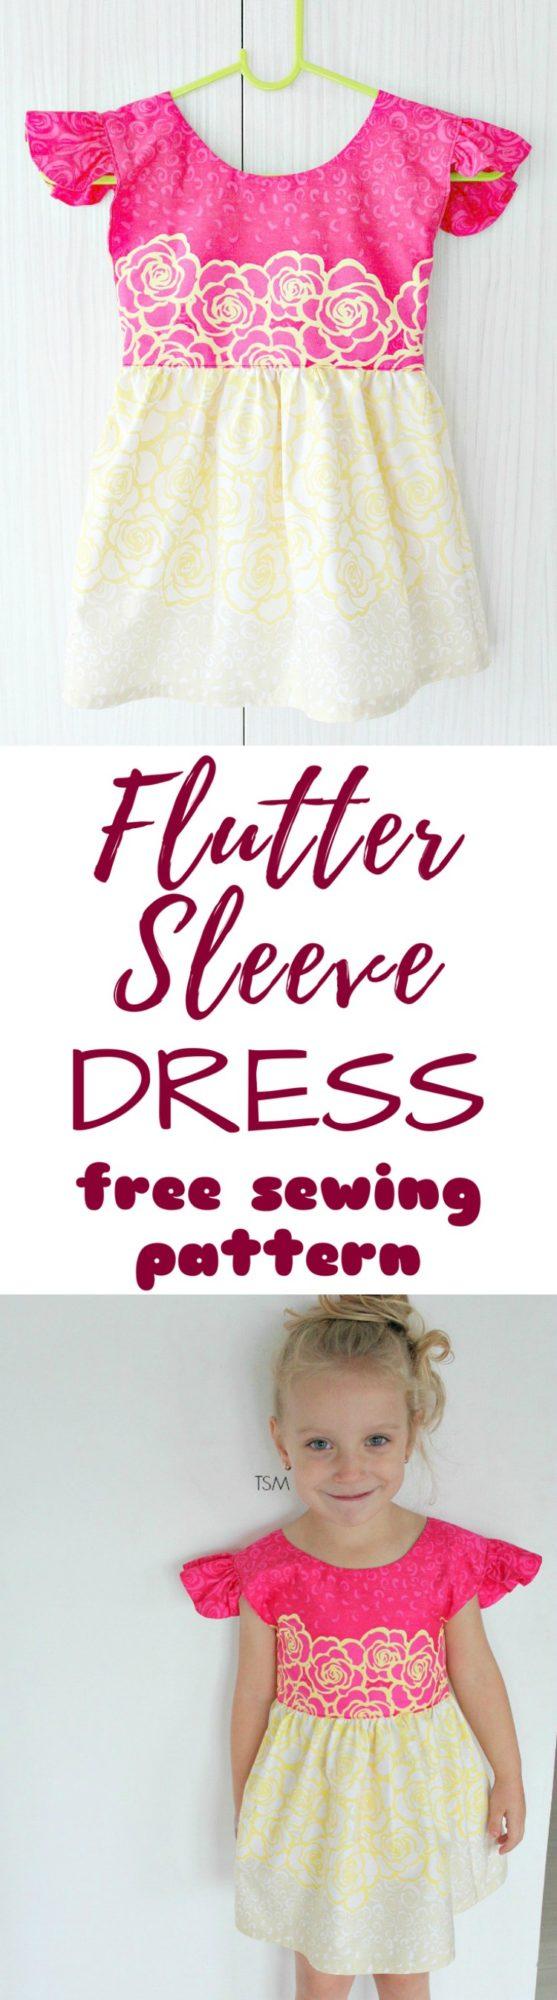 Flutter Sleeve Dress Tutorial